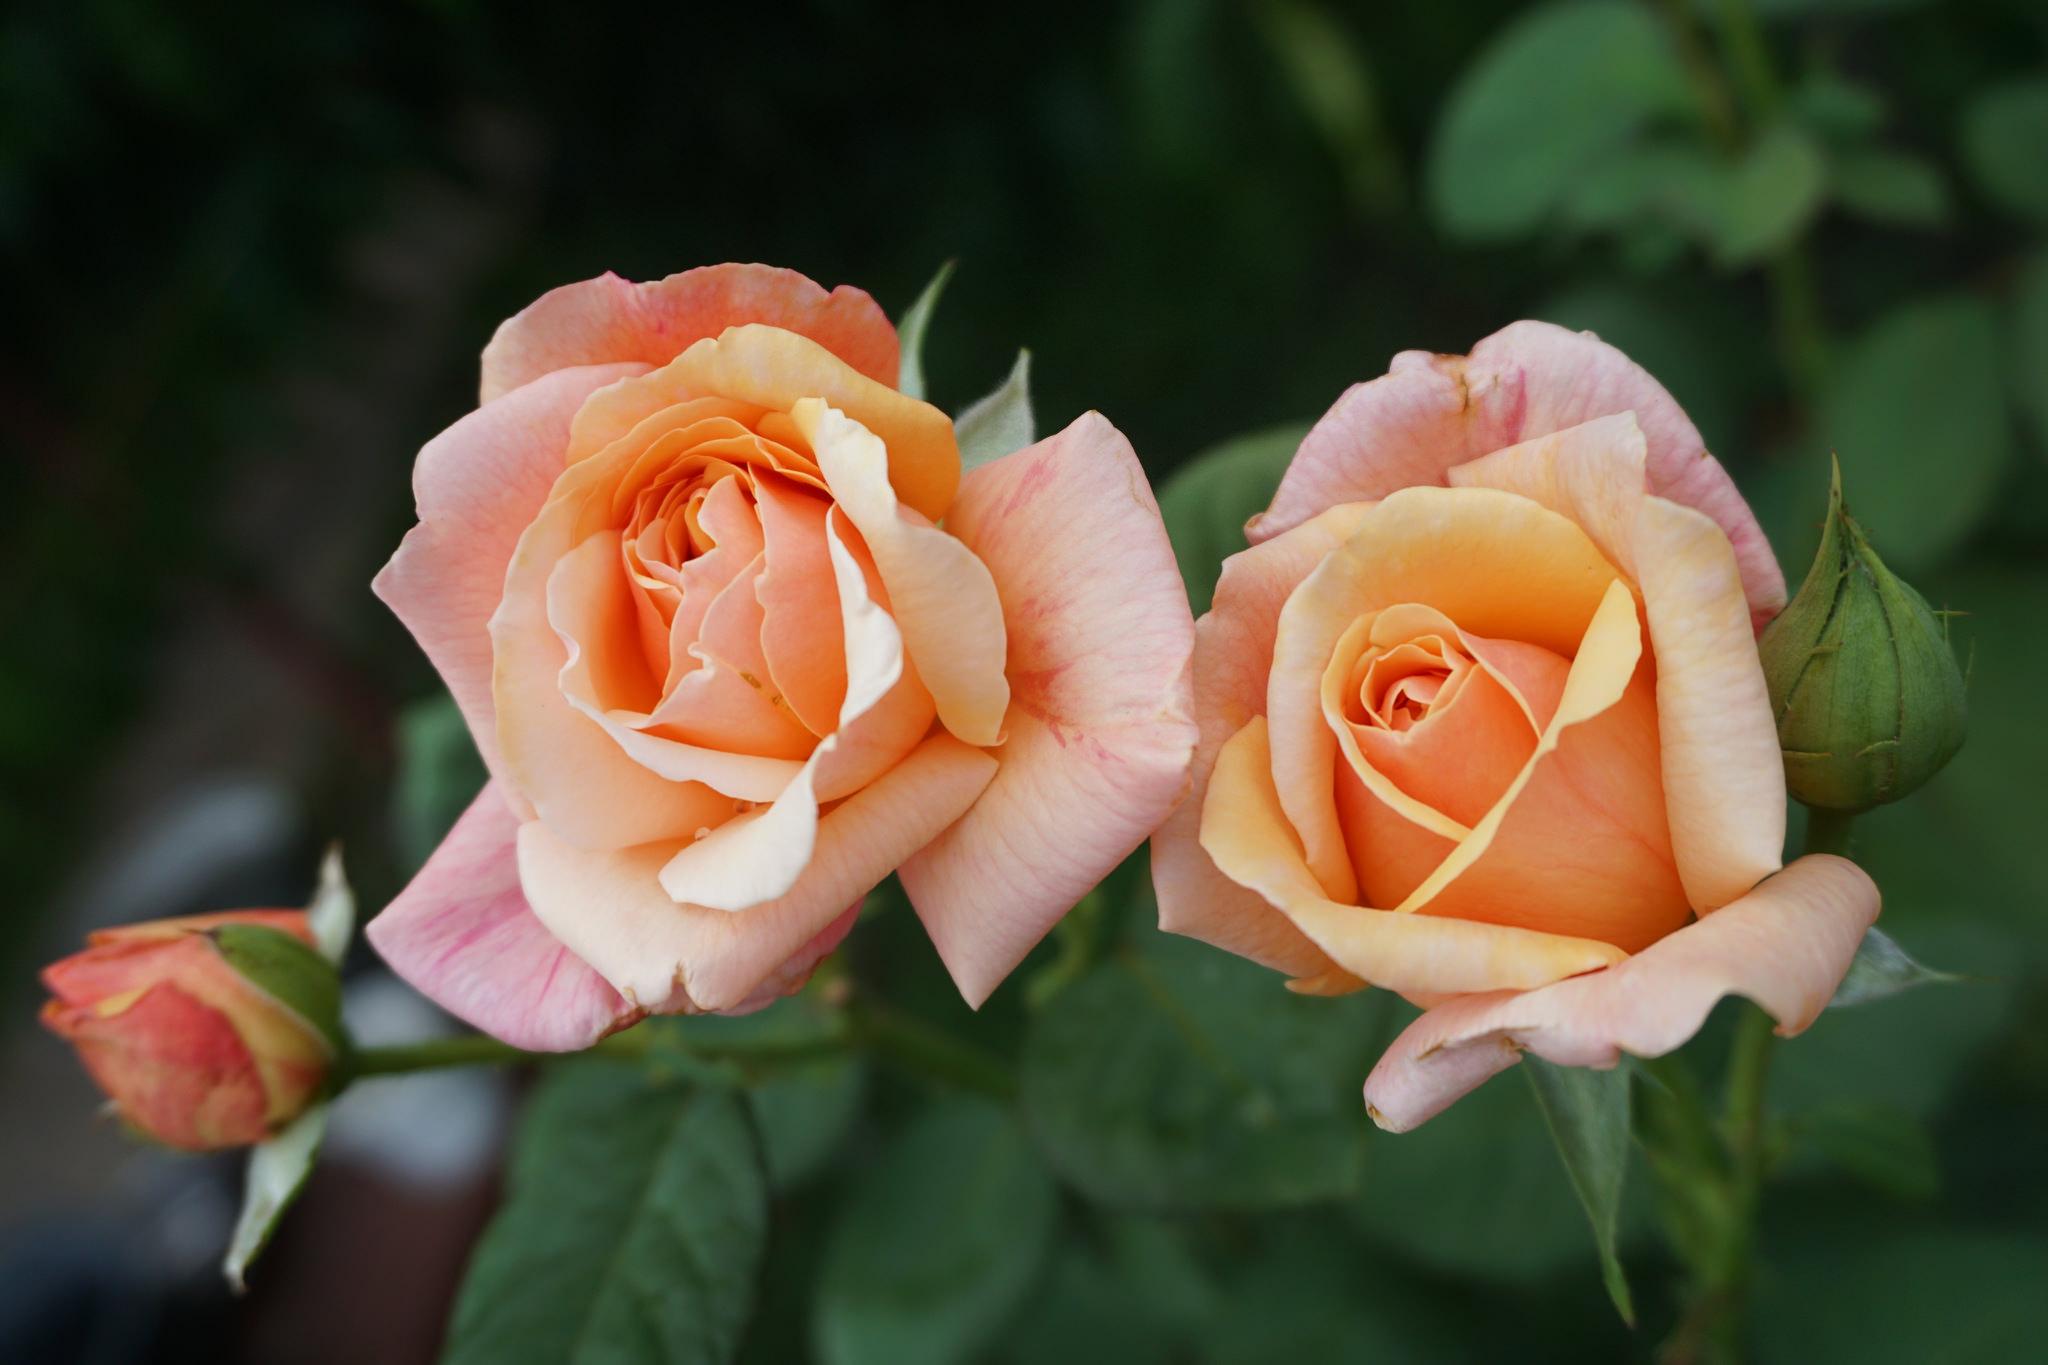 попавший самые красивые розы двух цветов в картинках сам